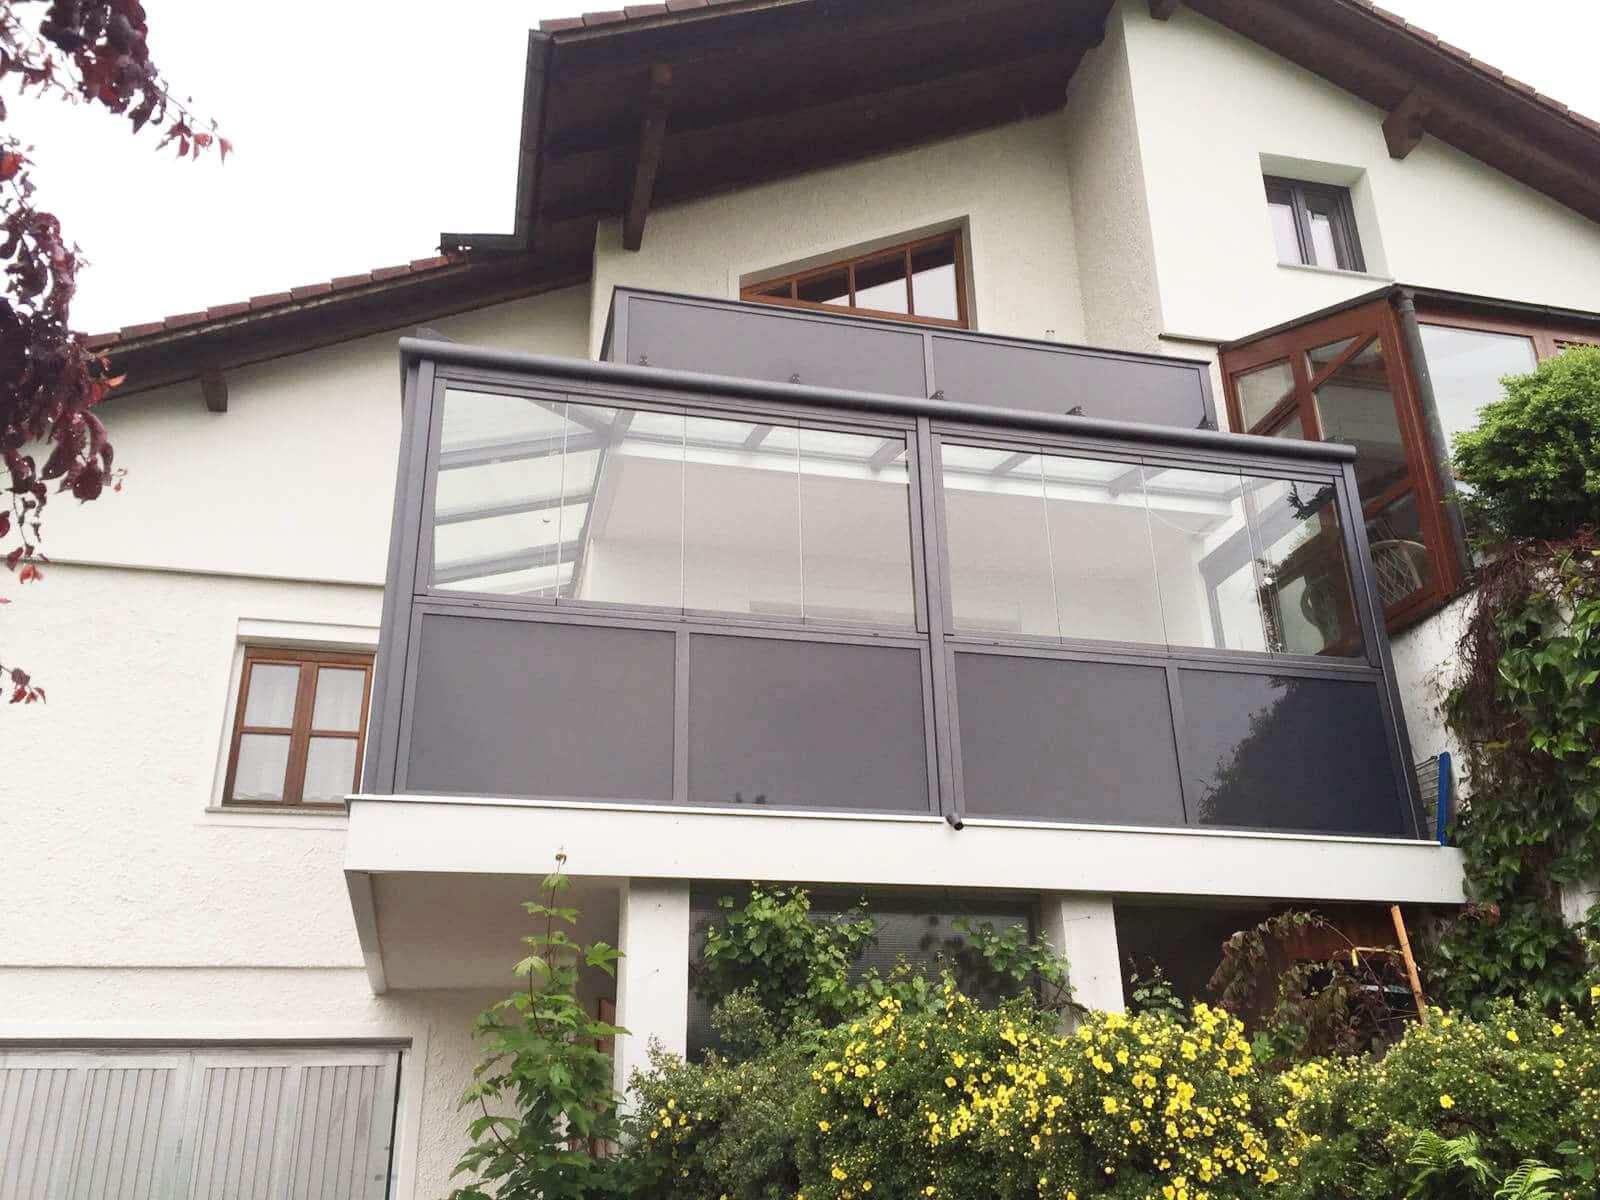 Sommergarten Kaltwintergarten unterm Balkon